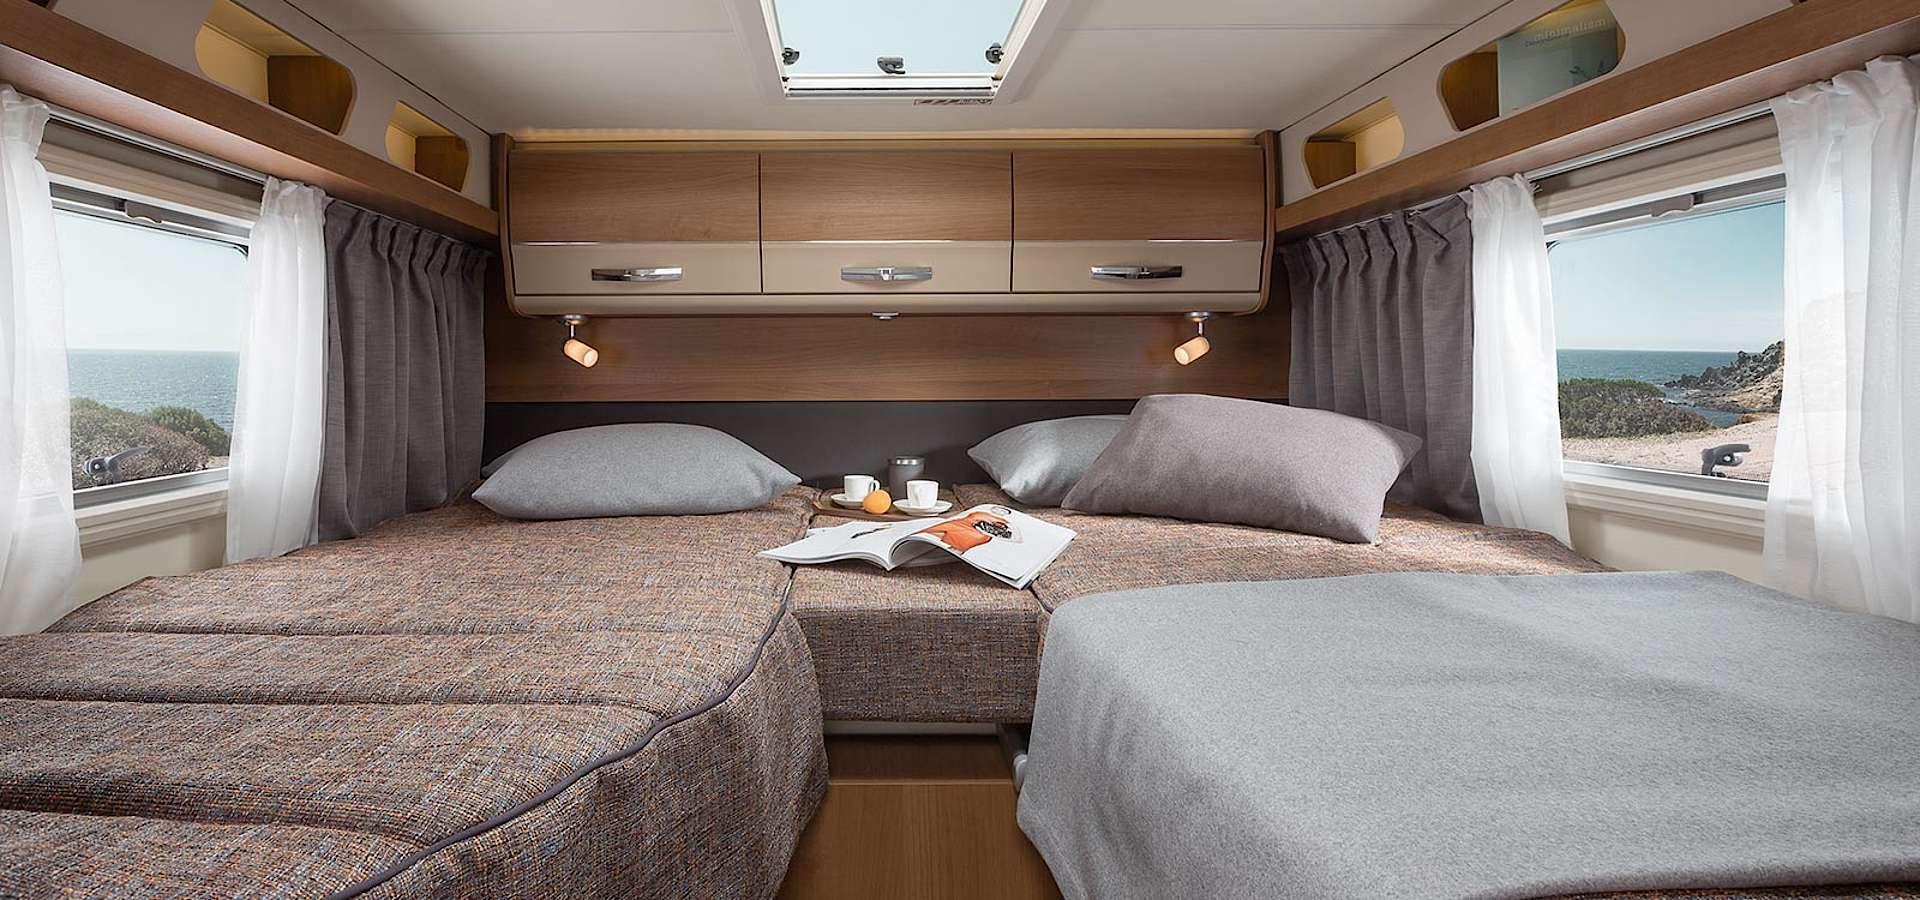 knaus van i interieur der vollintegrierte von innen wohnmobil pinterest. Black Bedroom Furniture Sets. Home Design Ideas